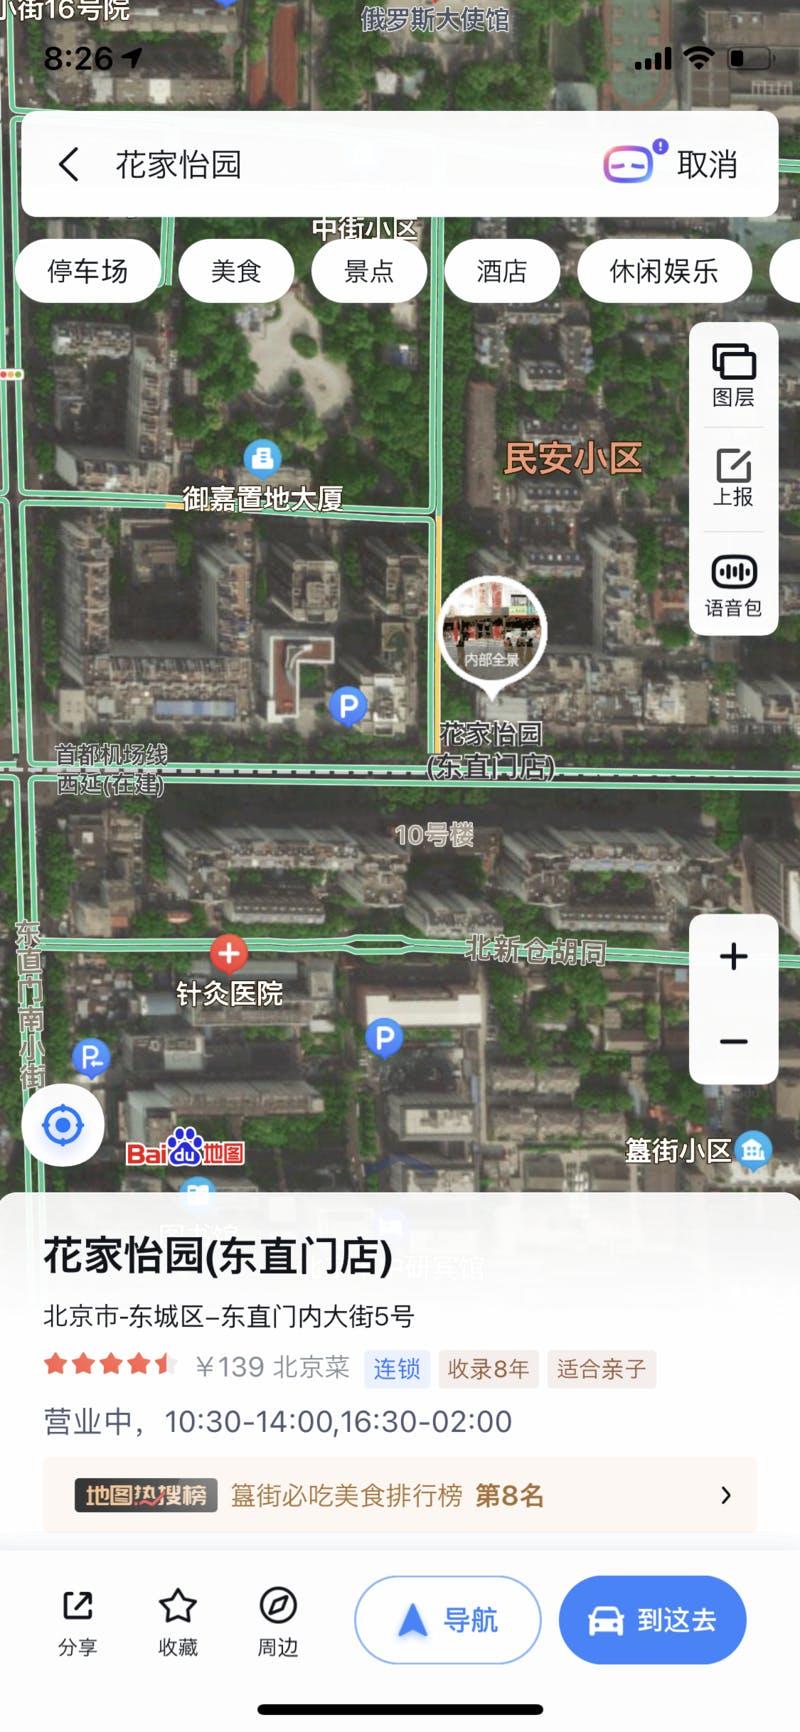 中国北京のあるレストランをBaiduマップアプリで表示させたもの